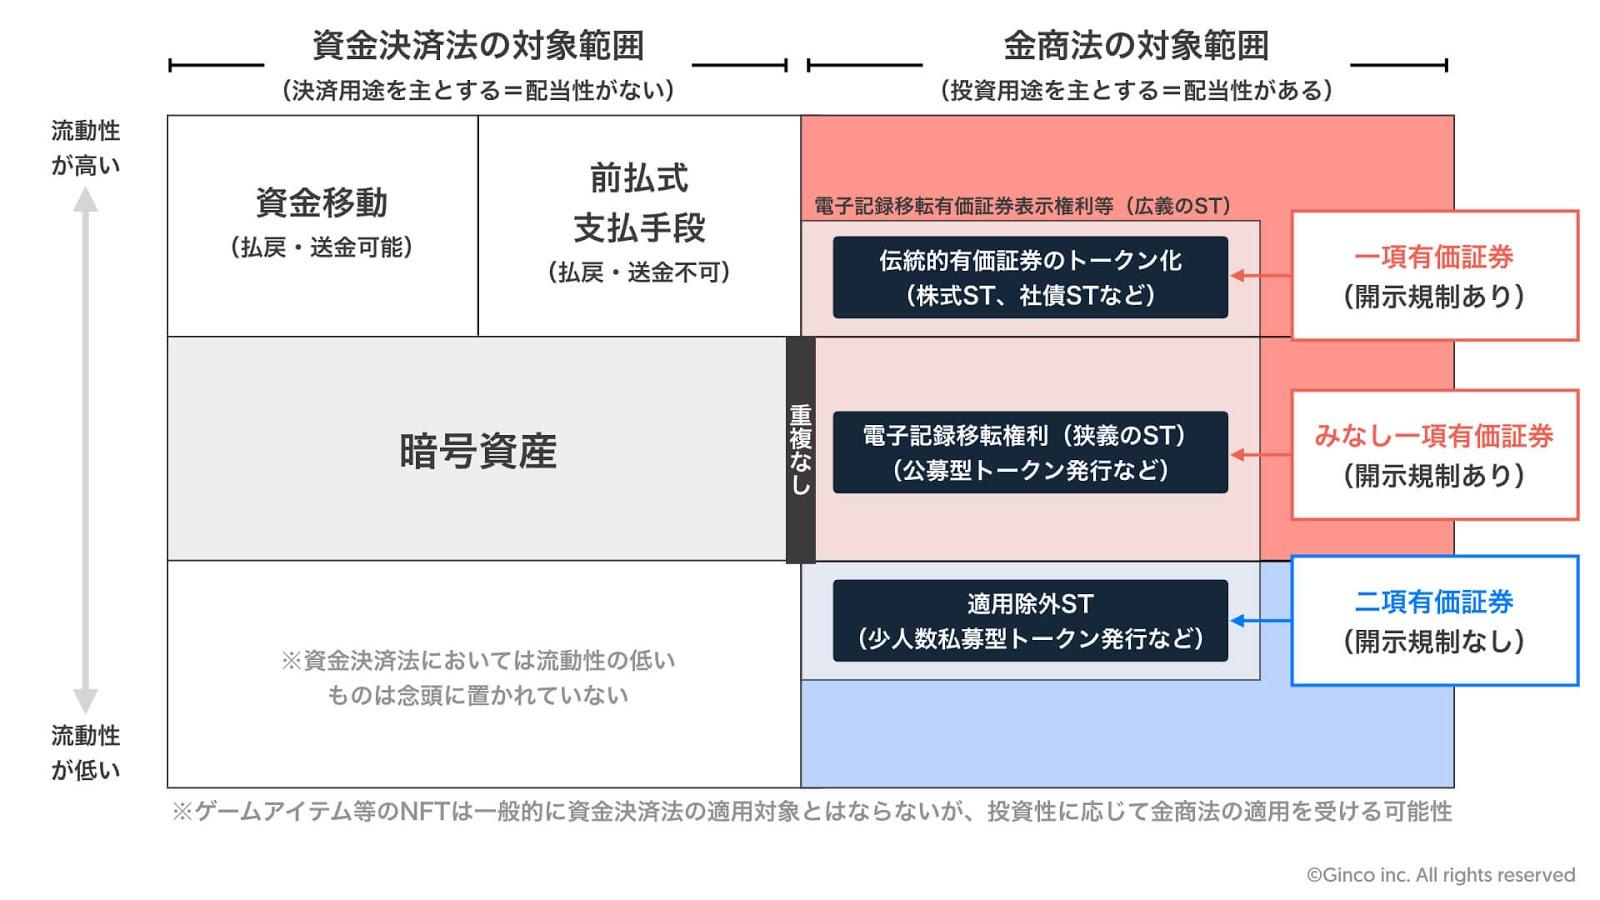 暗号資産と電子記録移転有価証券表示権利等の規制区分